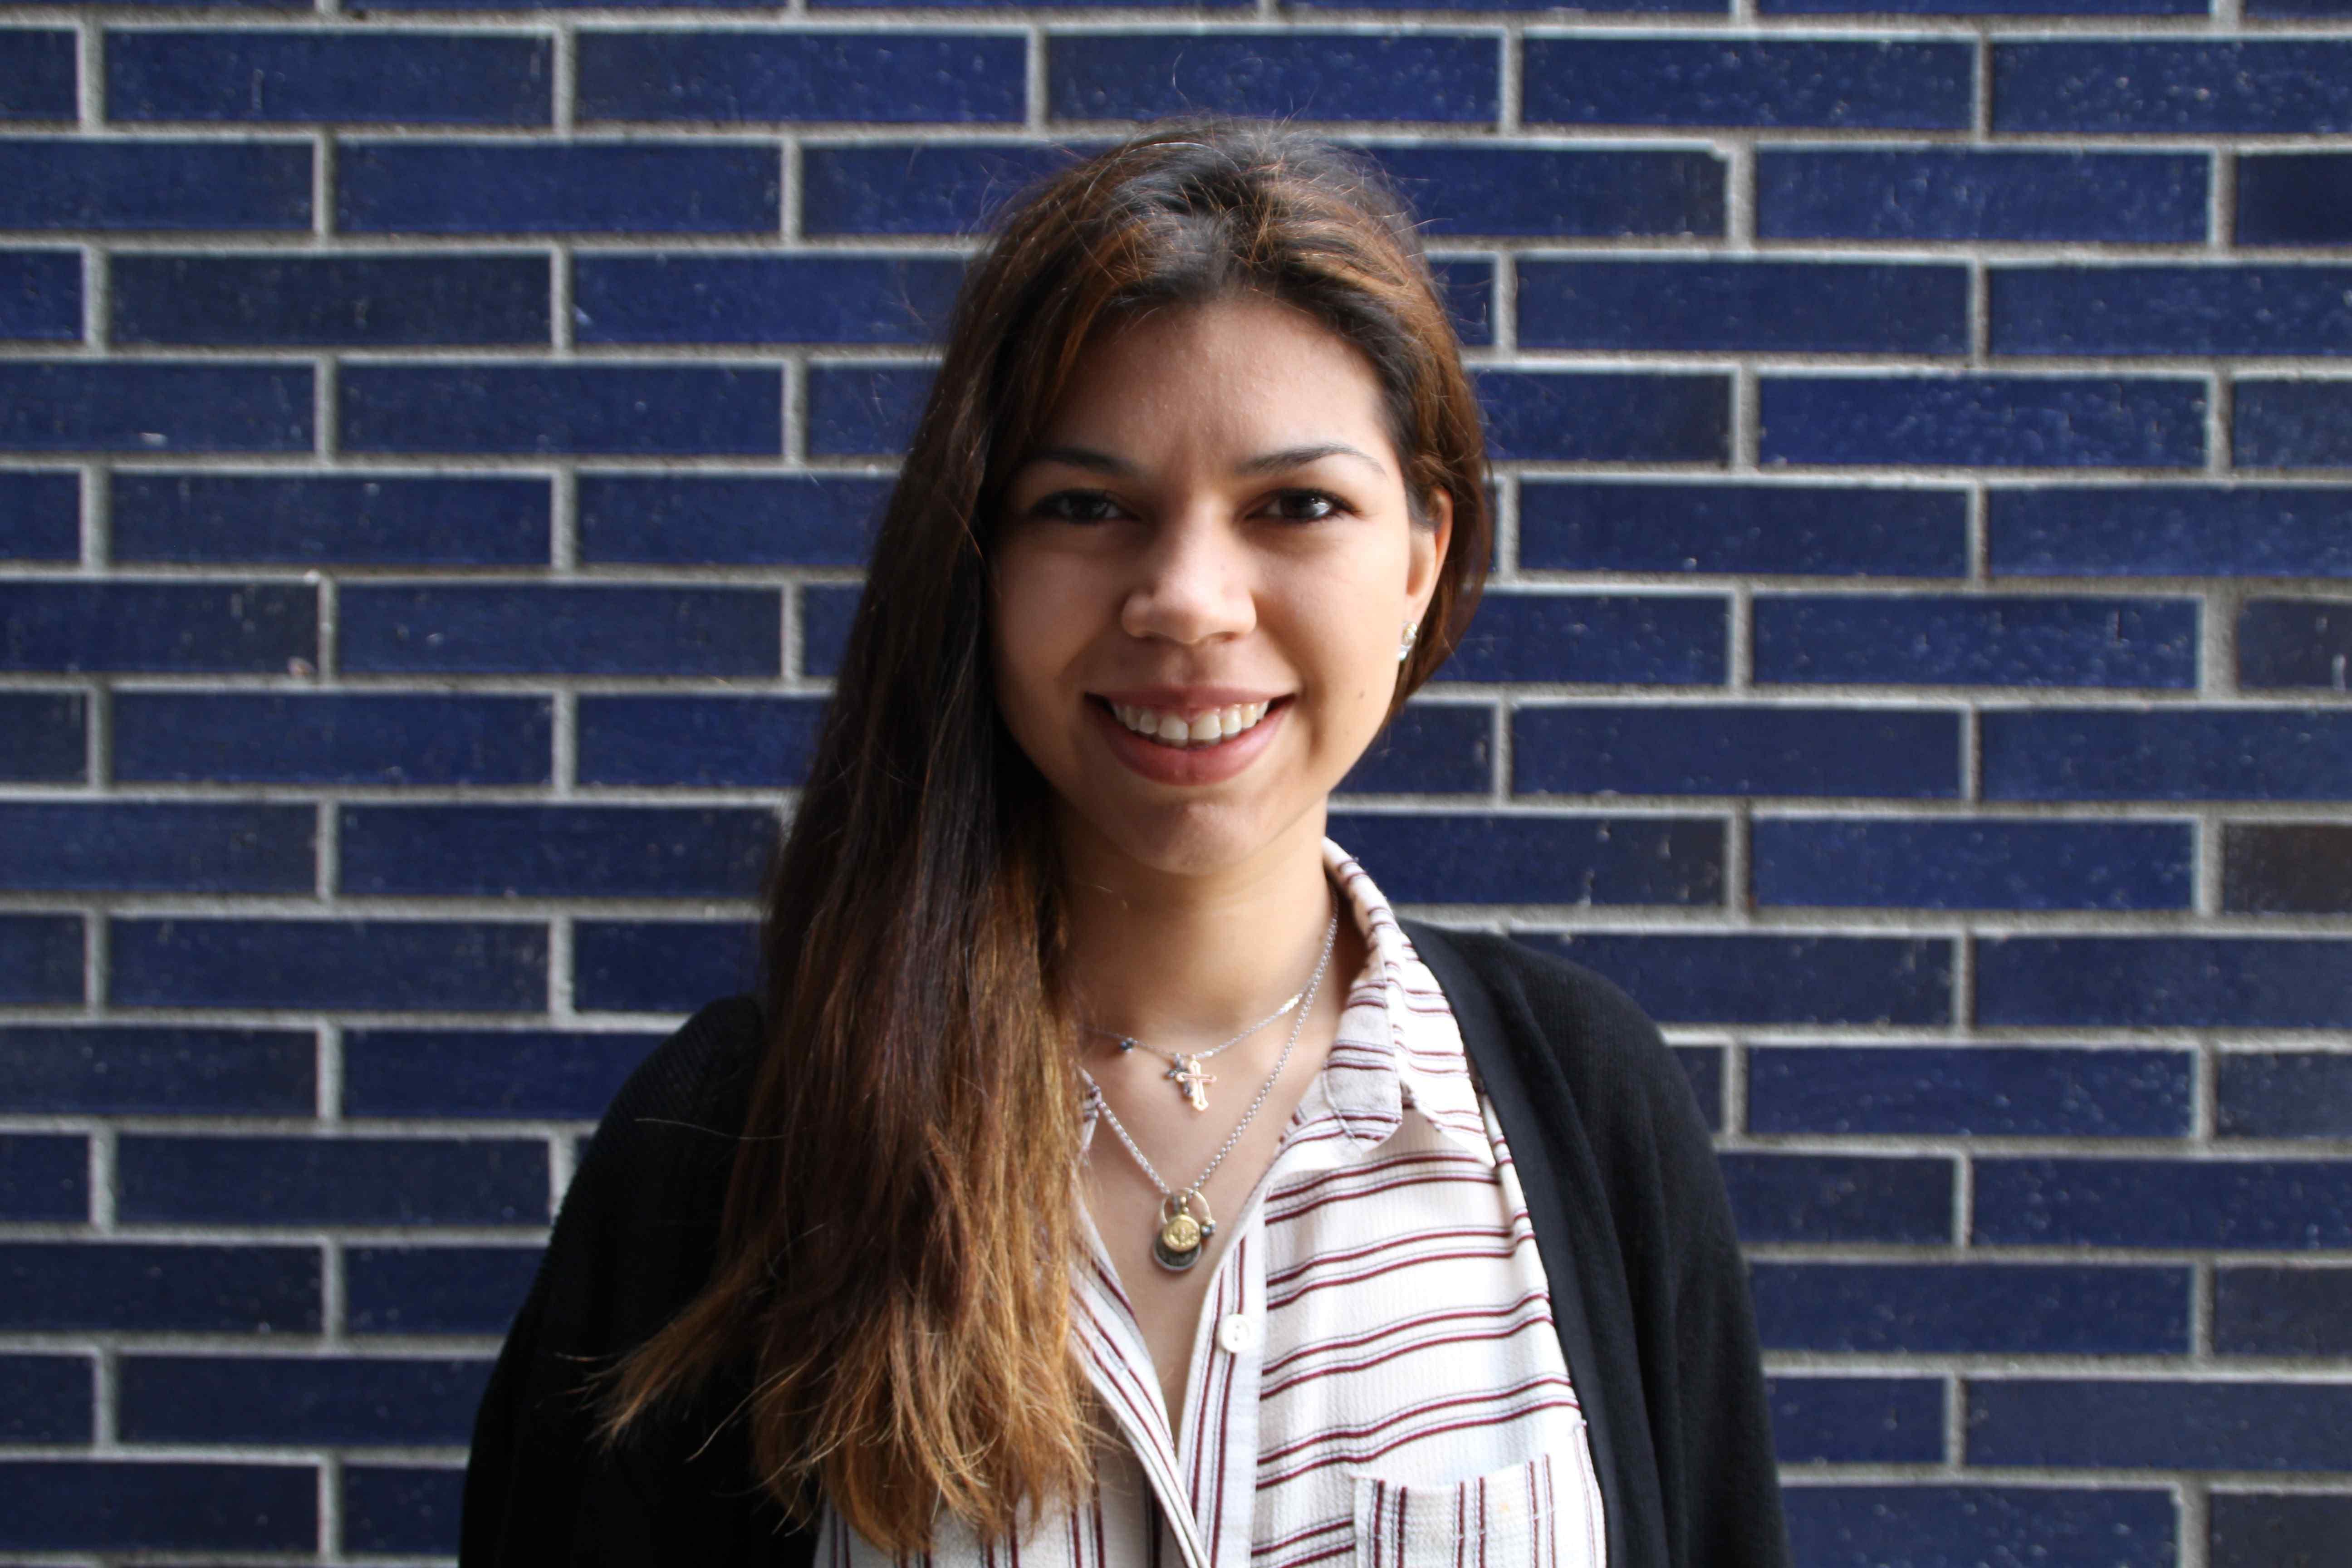 Pilar García, antigua alumna de Cocina, nos visita y nos cuenta su experiencia profesional